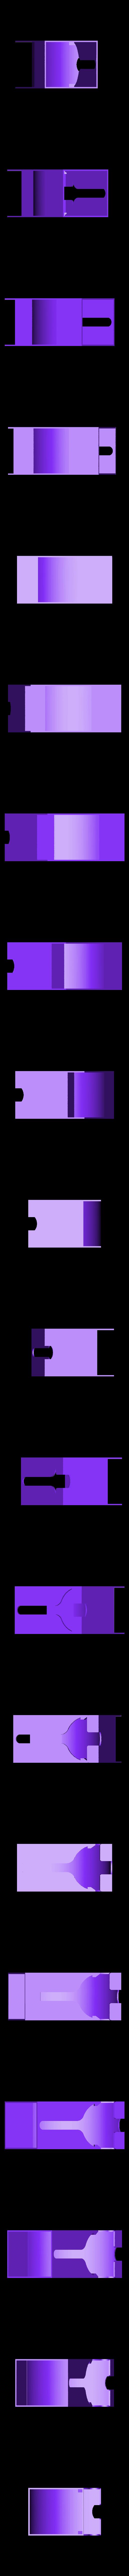 BatteryDispenserAAA.stl Télécharger fichier STL gratuit Boîte distributrice de piles pour piles AA et AAA • Objet à imprimer en 3D, PapaBravo